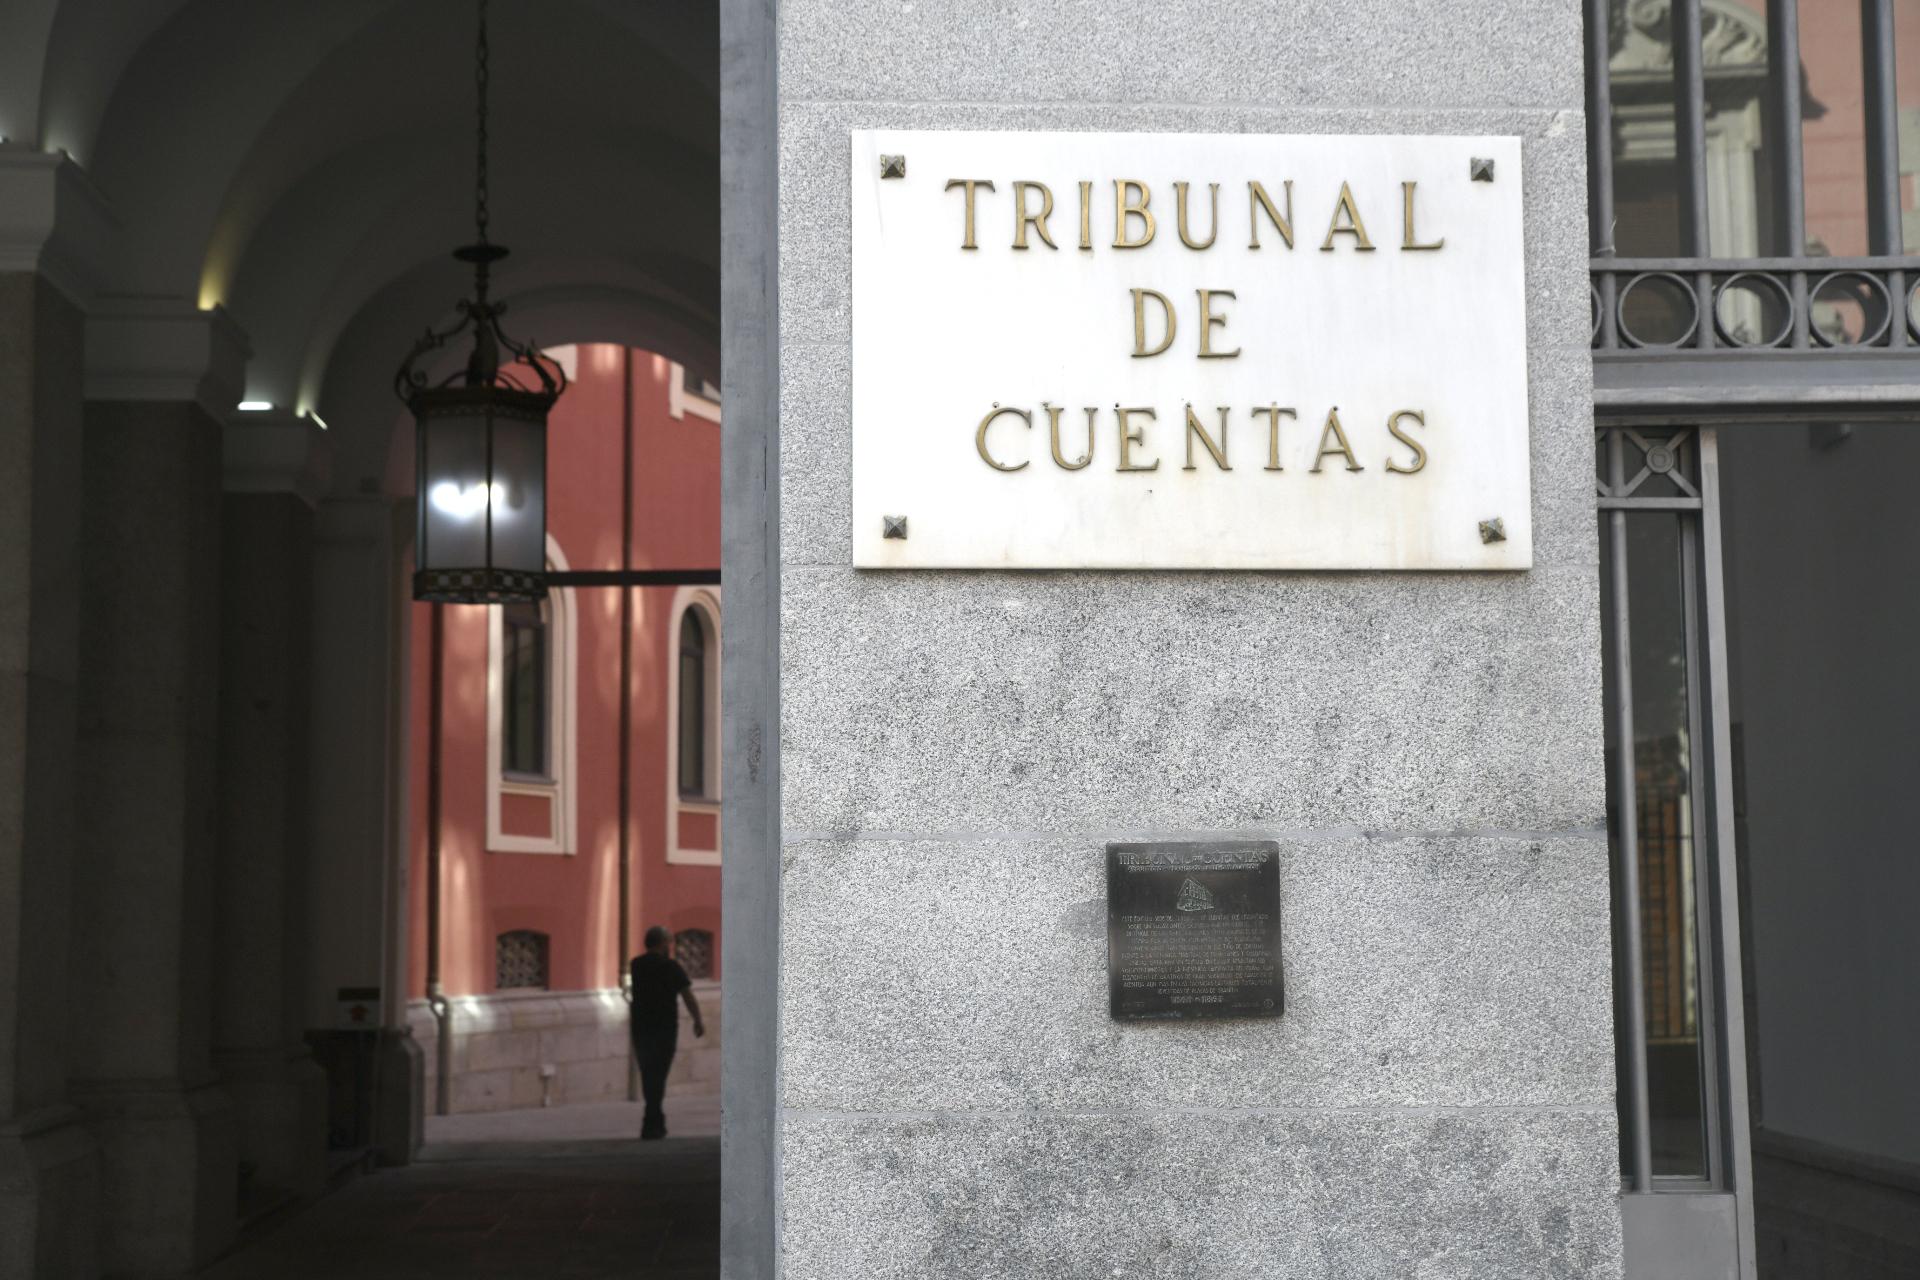 El Tribunal de Cuentas se inclina por rechazar el aval de la Generalitat